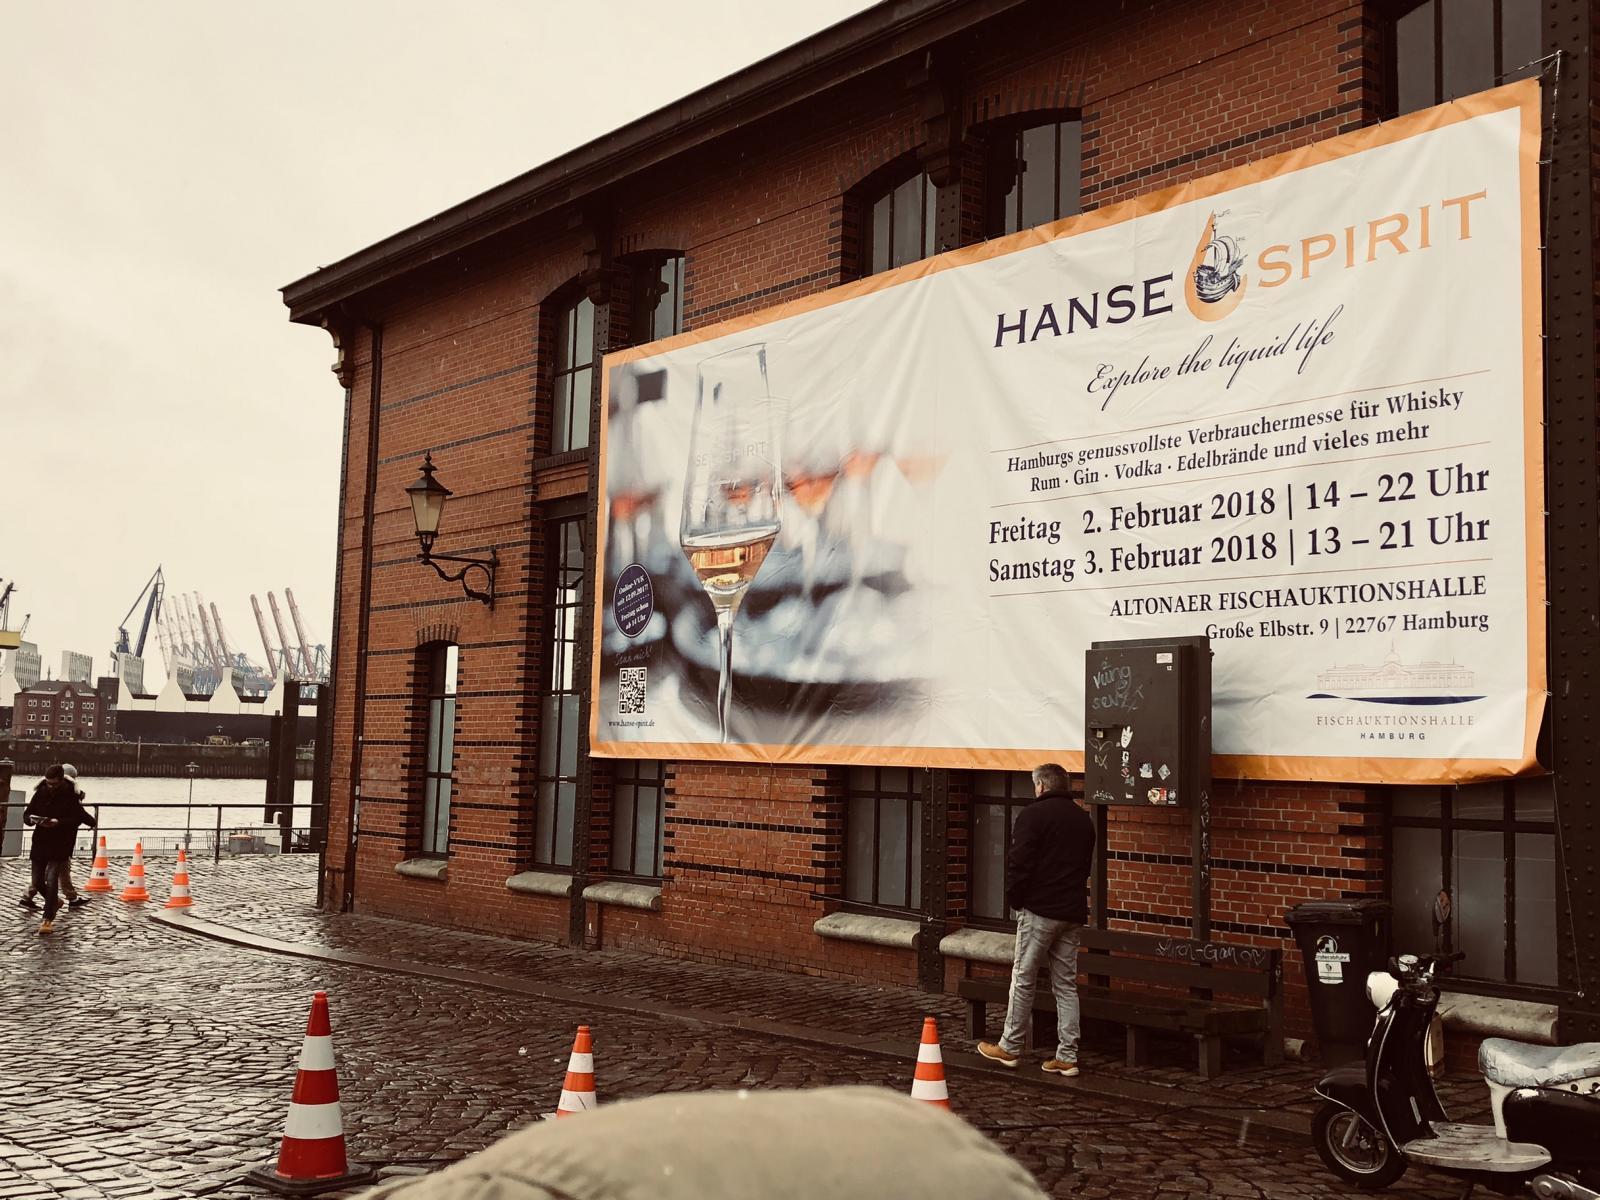 Hanse Spirit